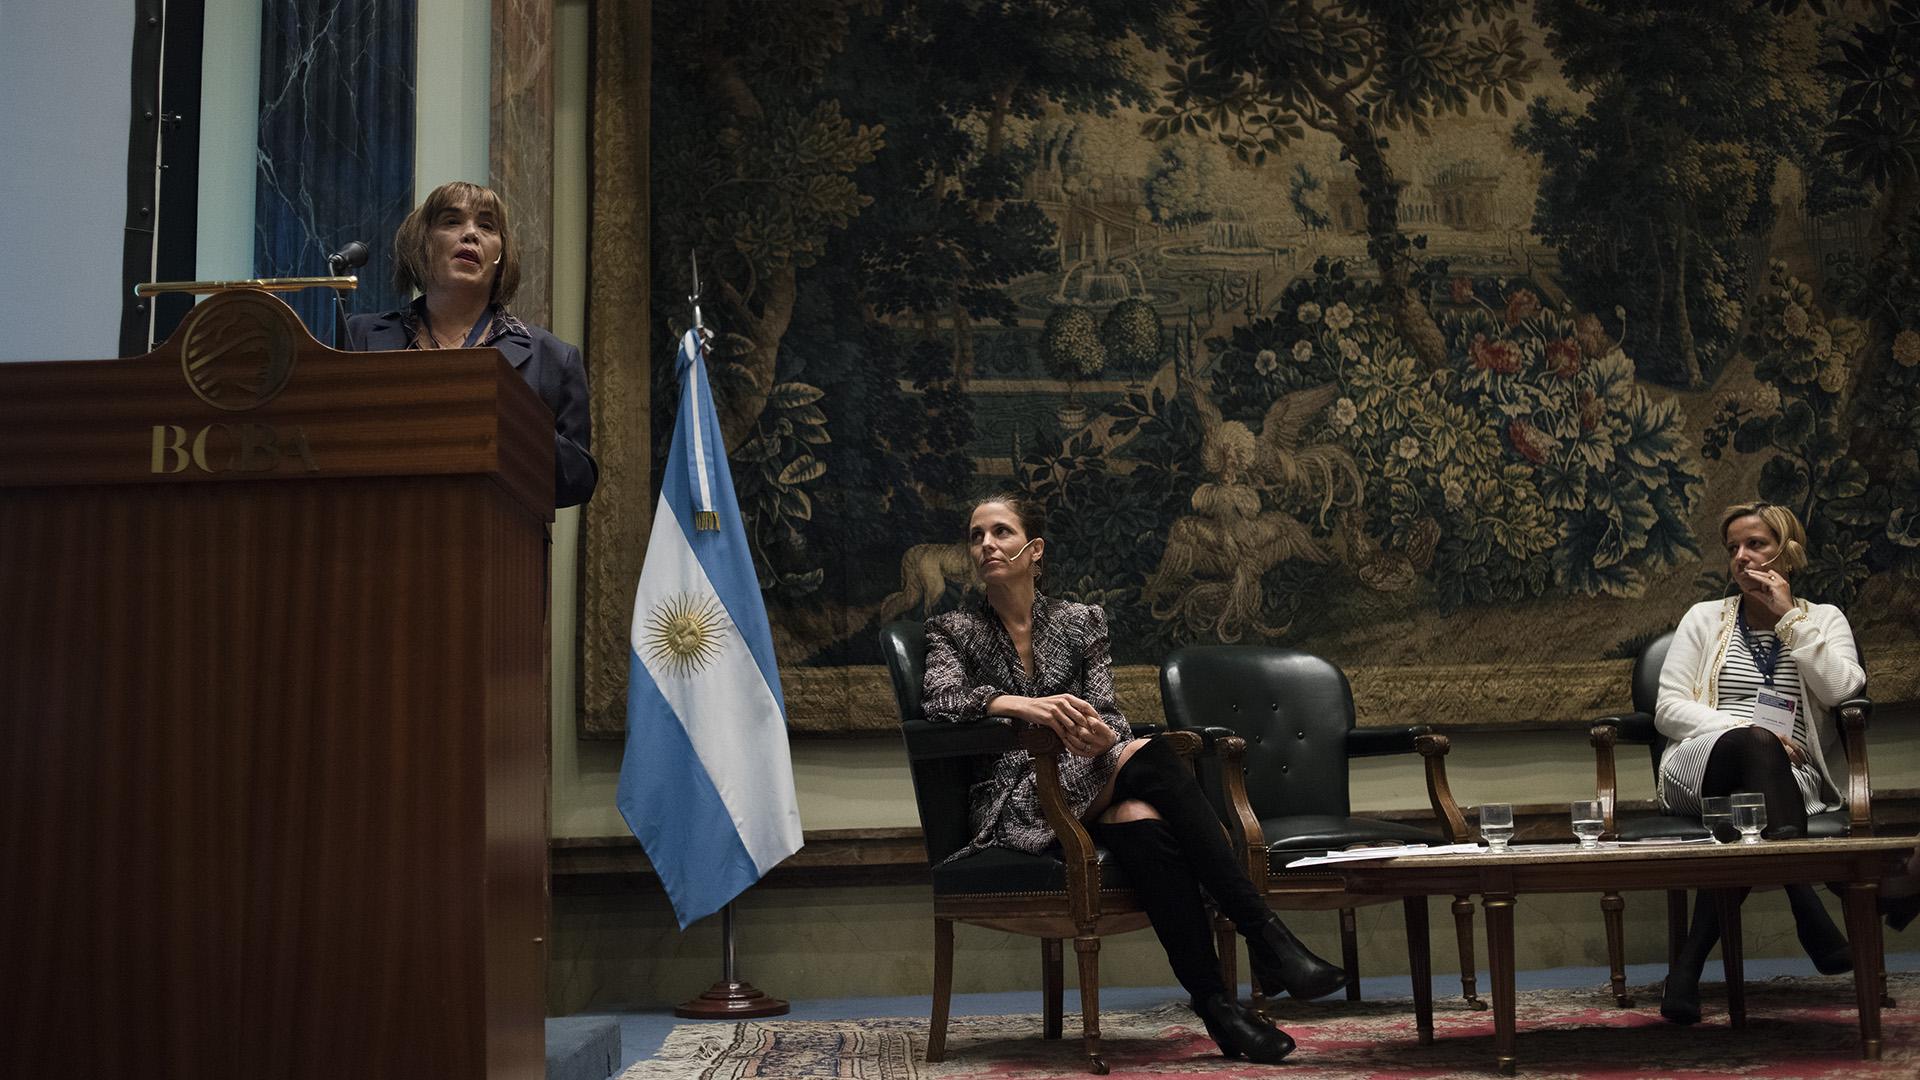 Una jornada de exposición y debate sobre las problemáticas femeninas en términos de equidad en el mundo de los negocios (Adrián Escandar)